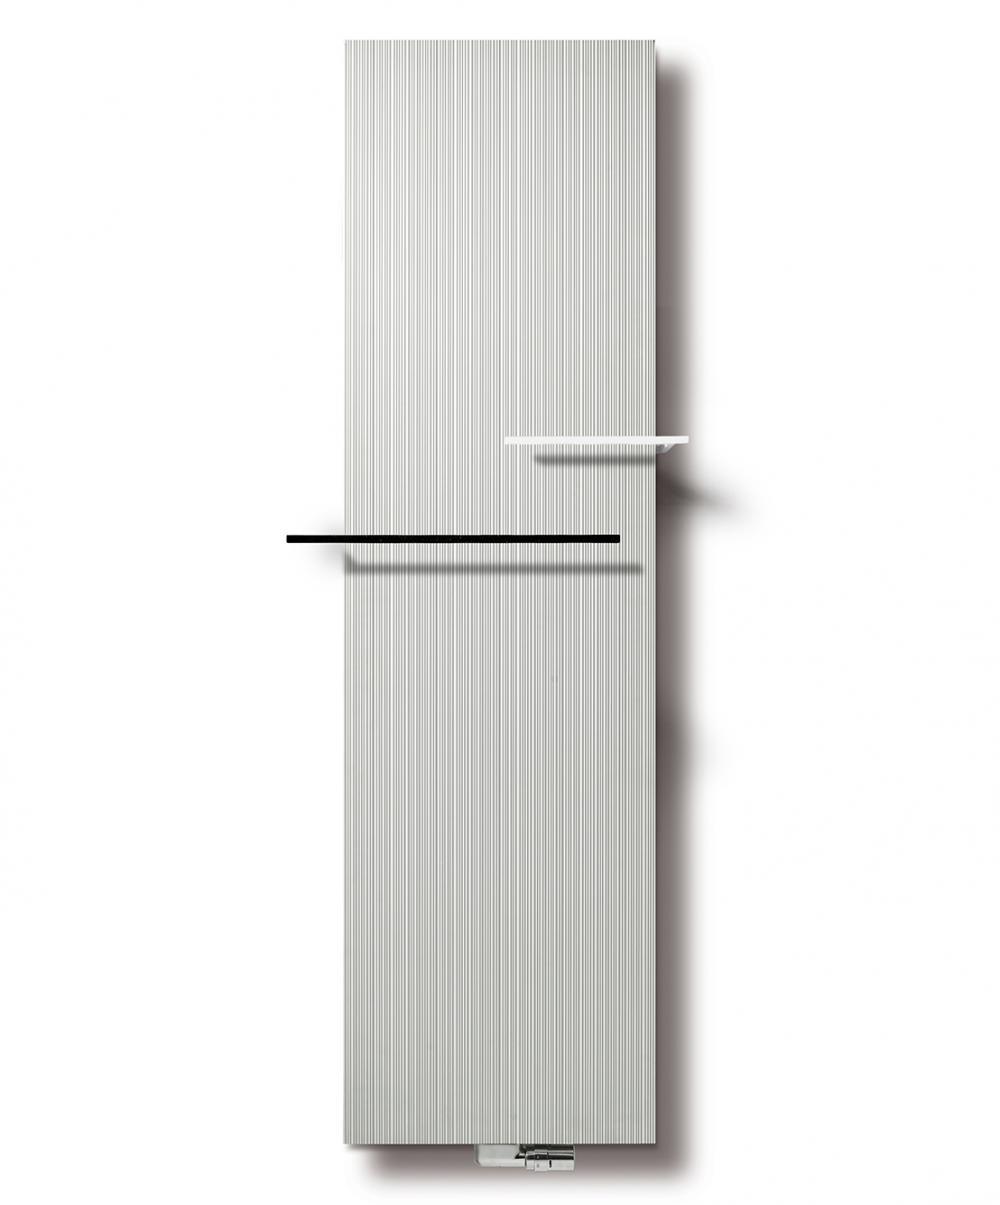 Calorifere decorative aluminiu Vasco Bryce 1600x525 mm, 1726 W